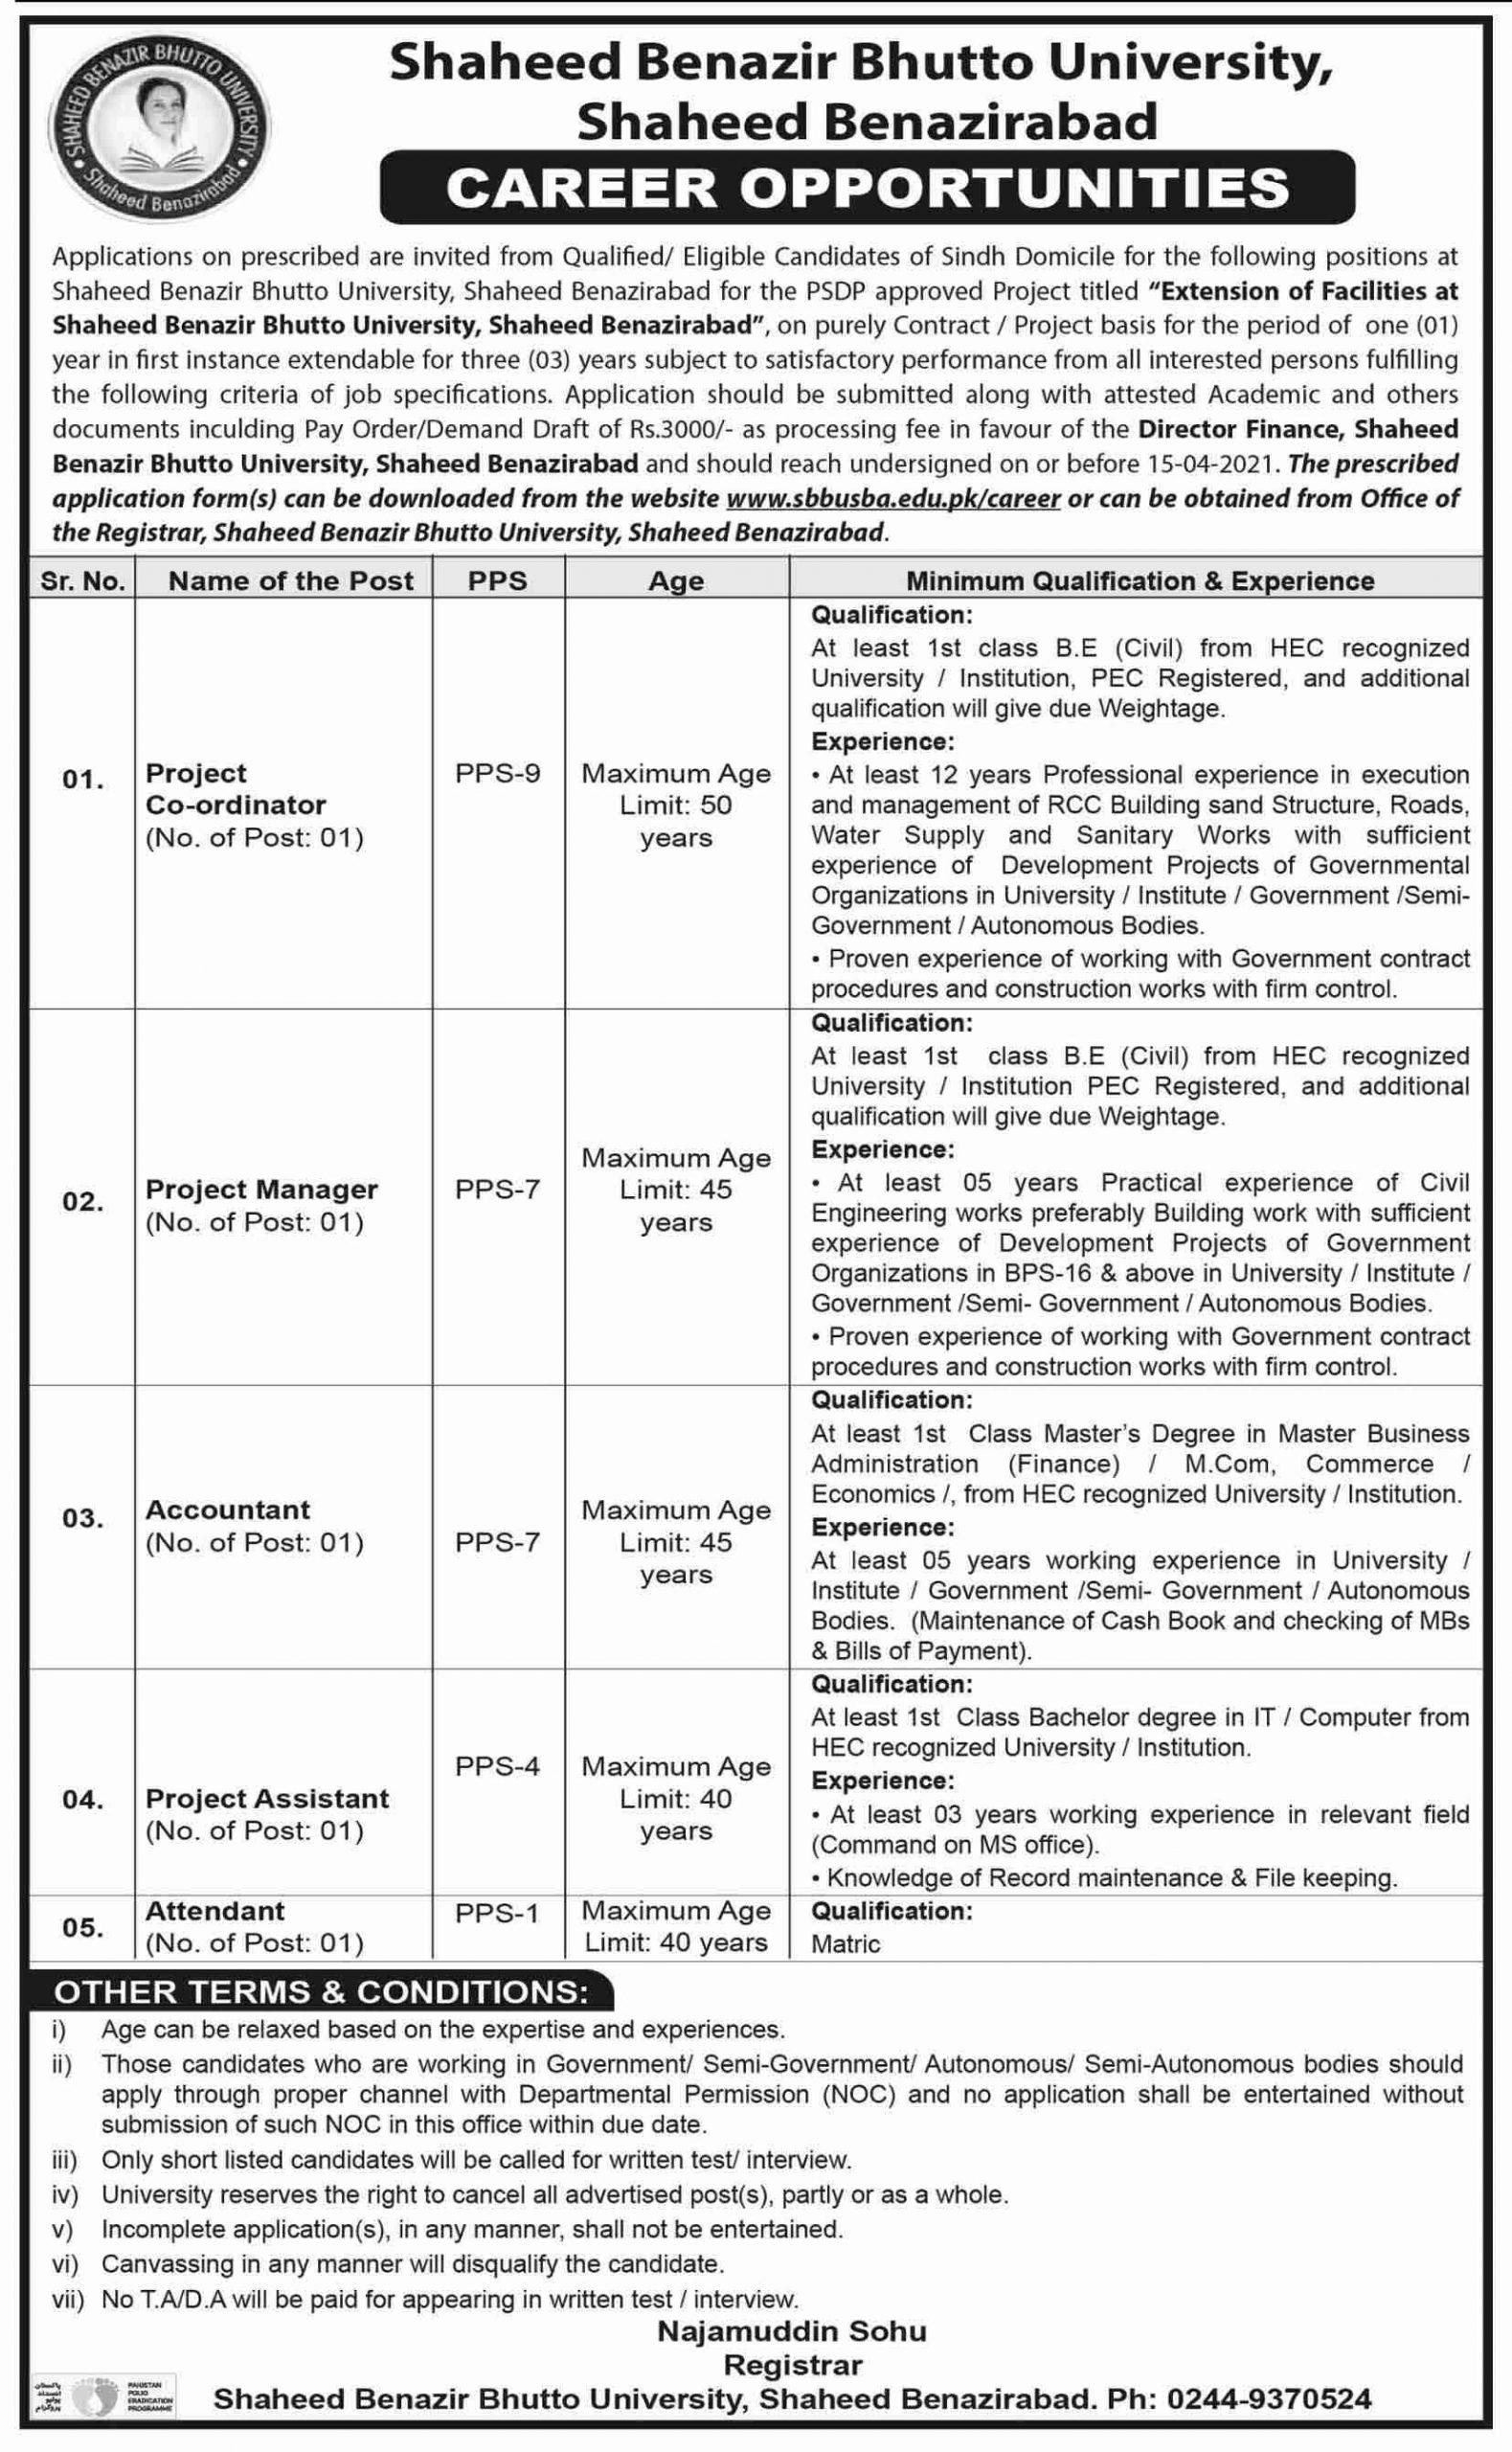 Shaheed Benazir Bhutto University Shaheed Benazirabad Jobs March 2021